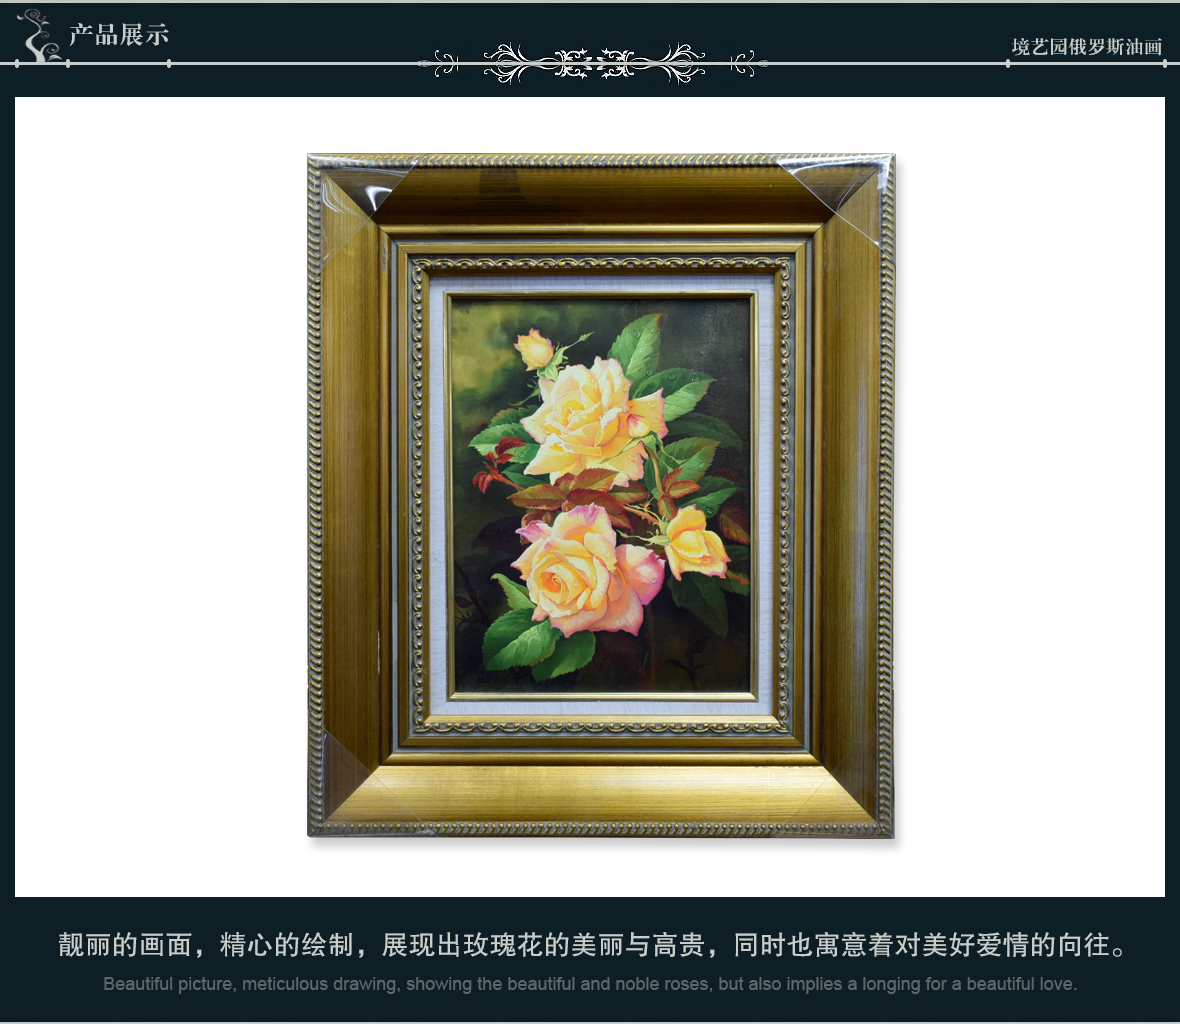 境艺园俄罗斯油画 AC9型号 静物玫瑰 实拍展示